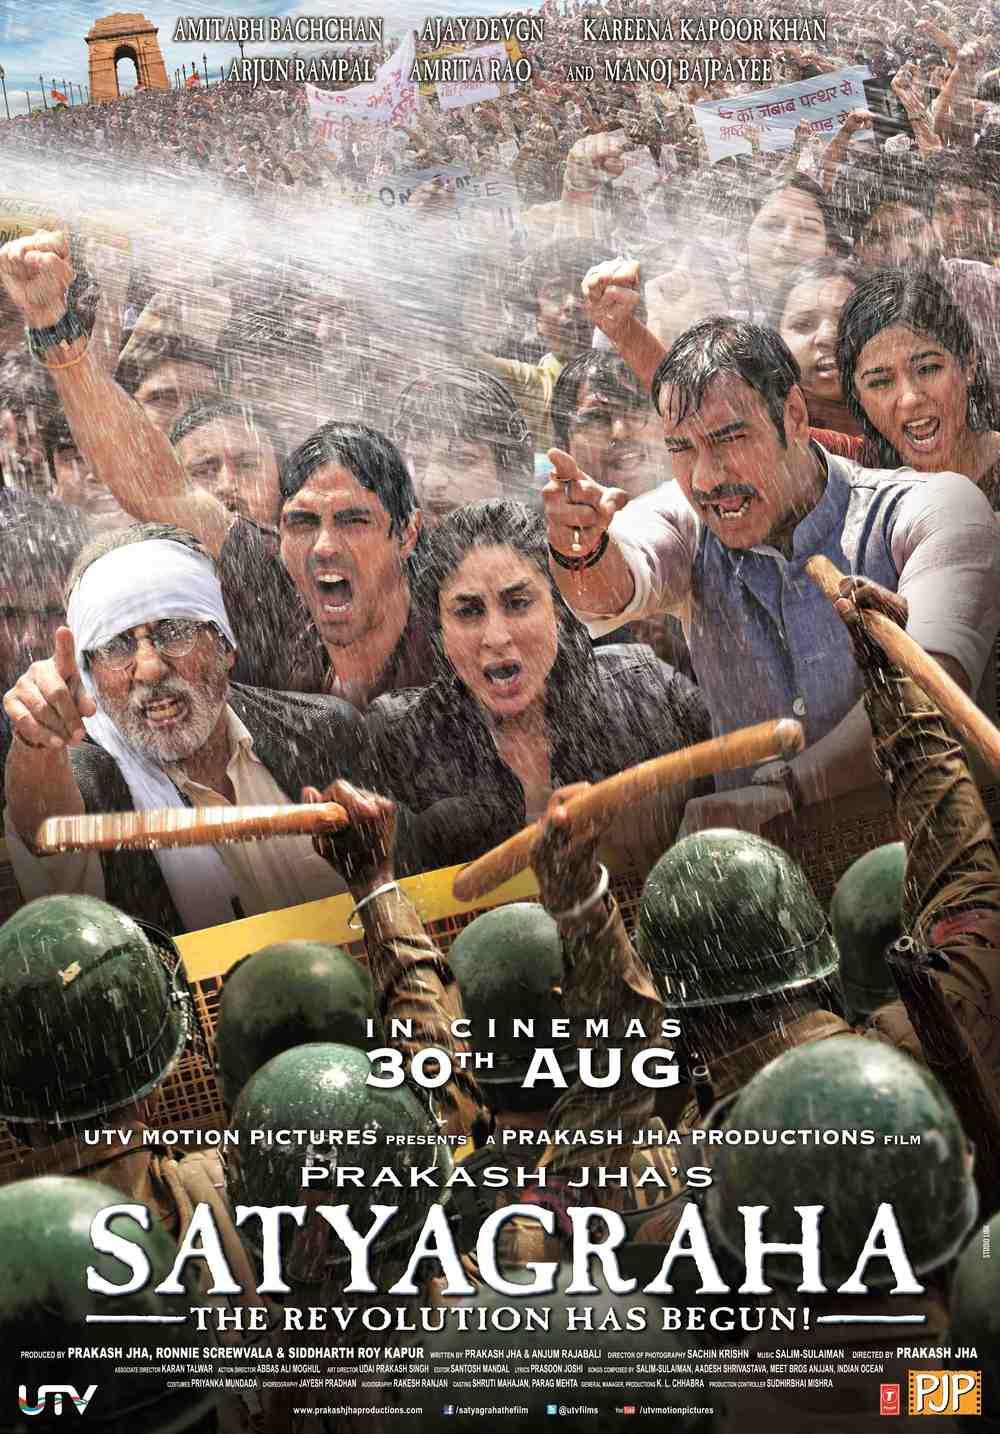 Satyagraha Poster 1(1).jpg